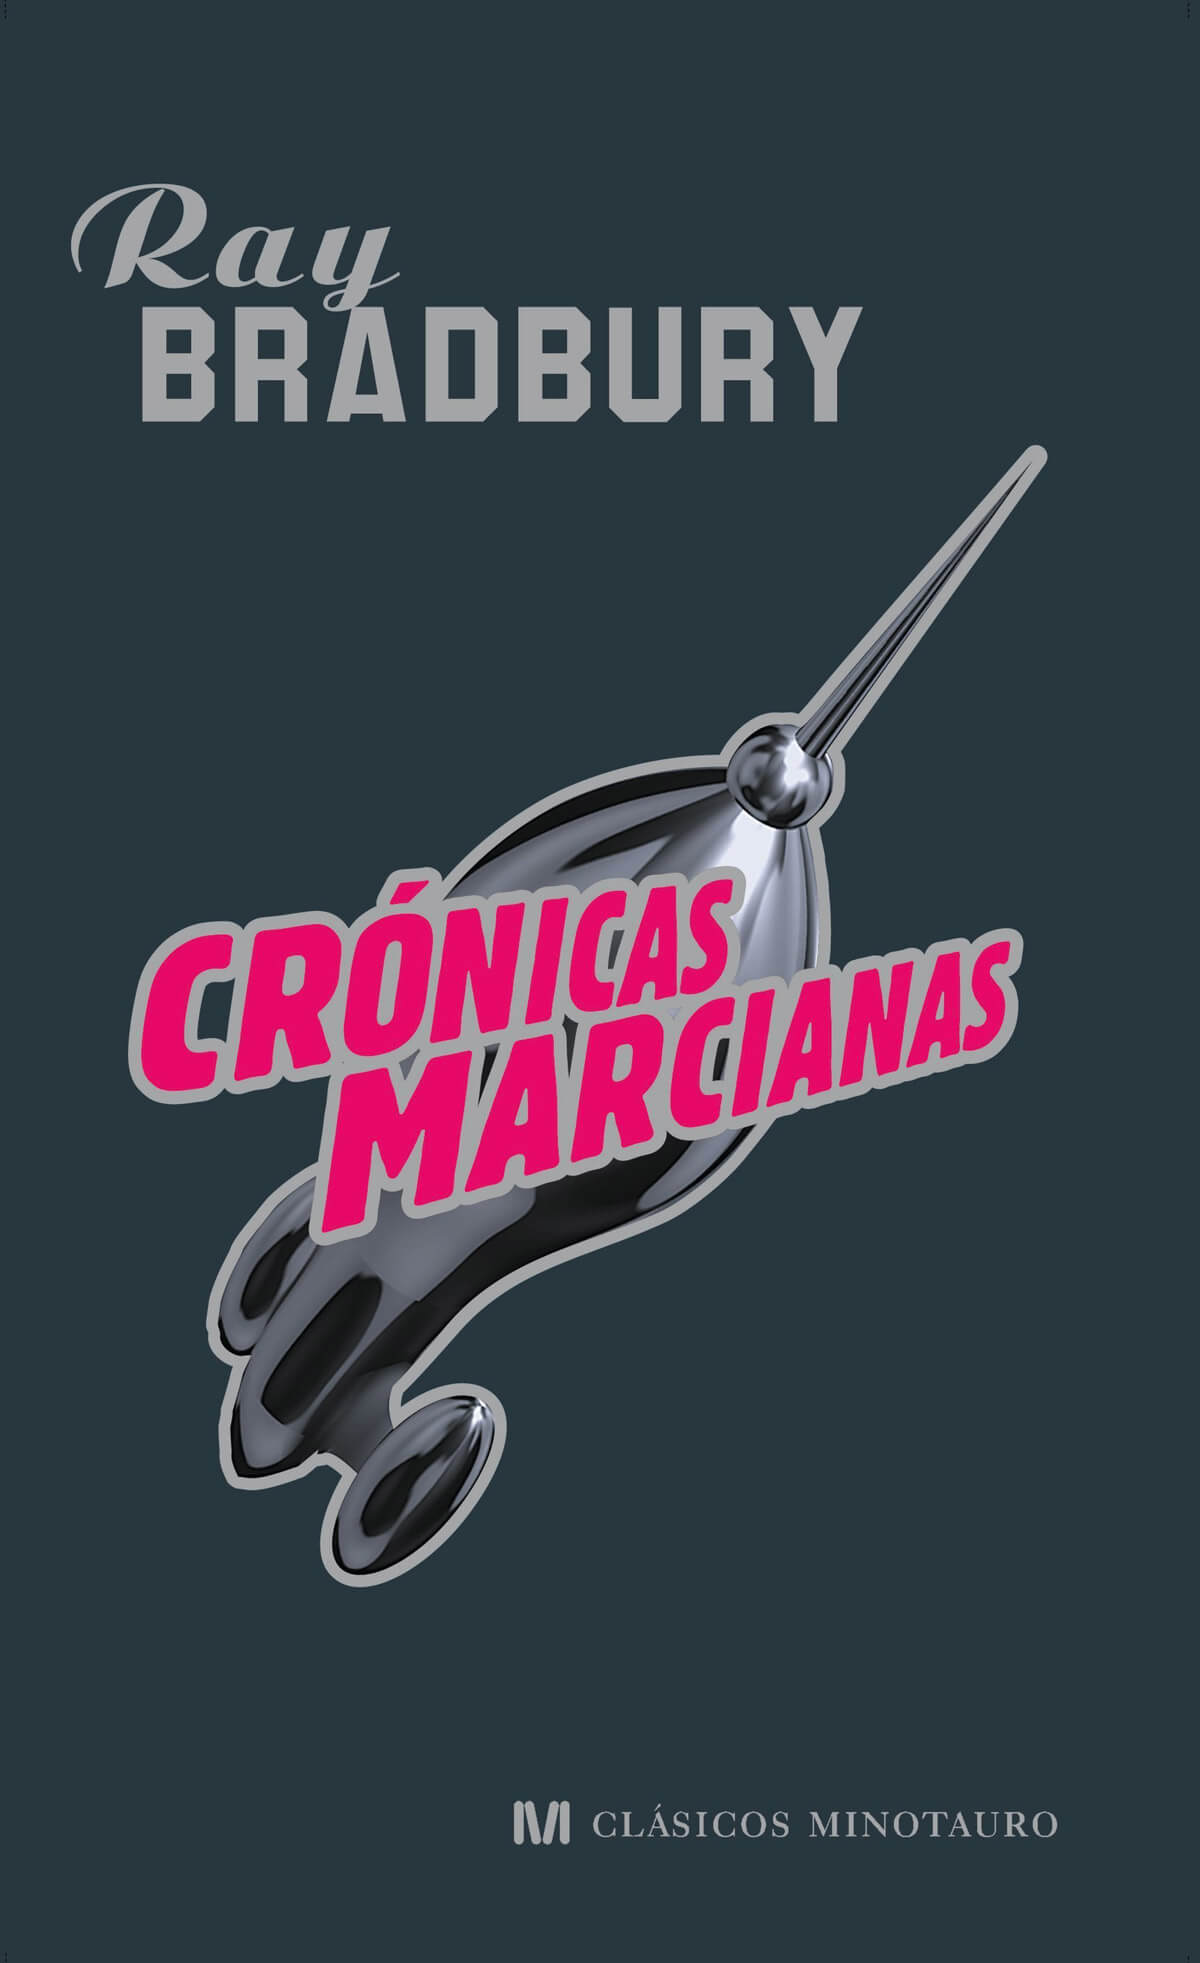 Crónicas marcianas - Ray Bradbury